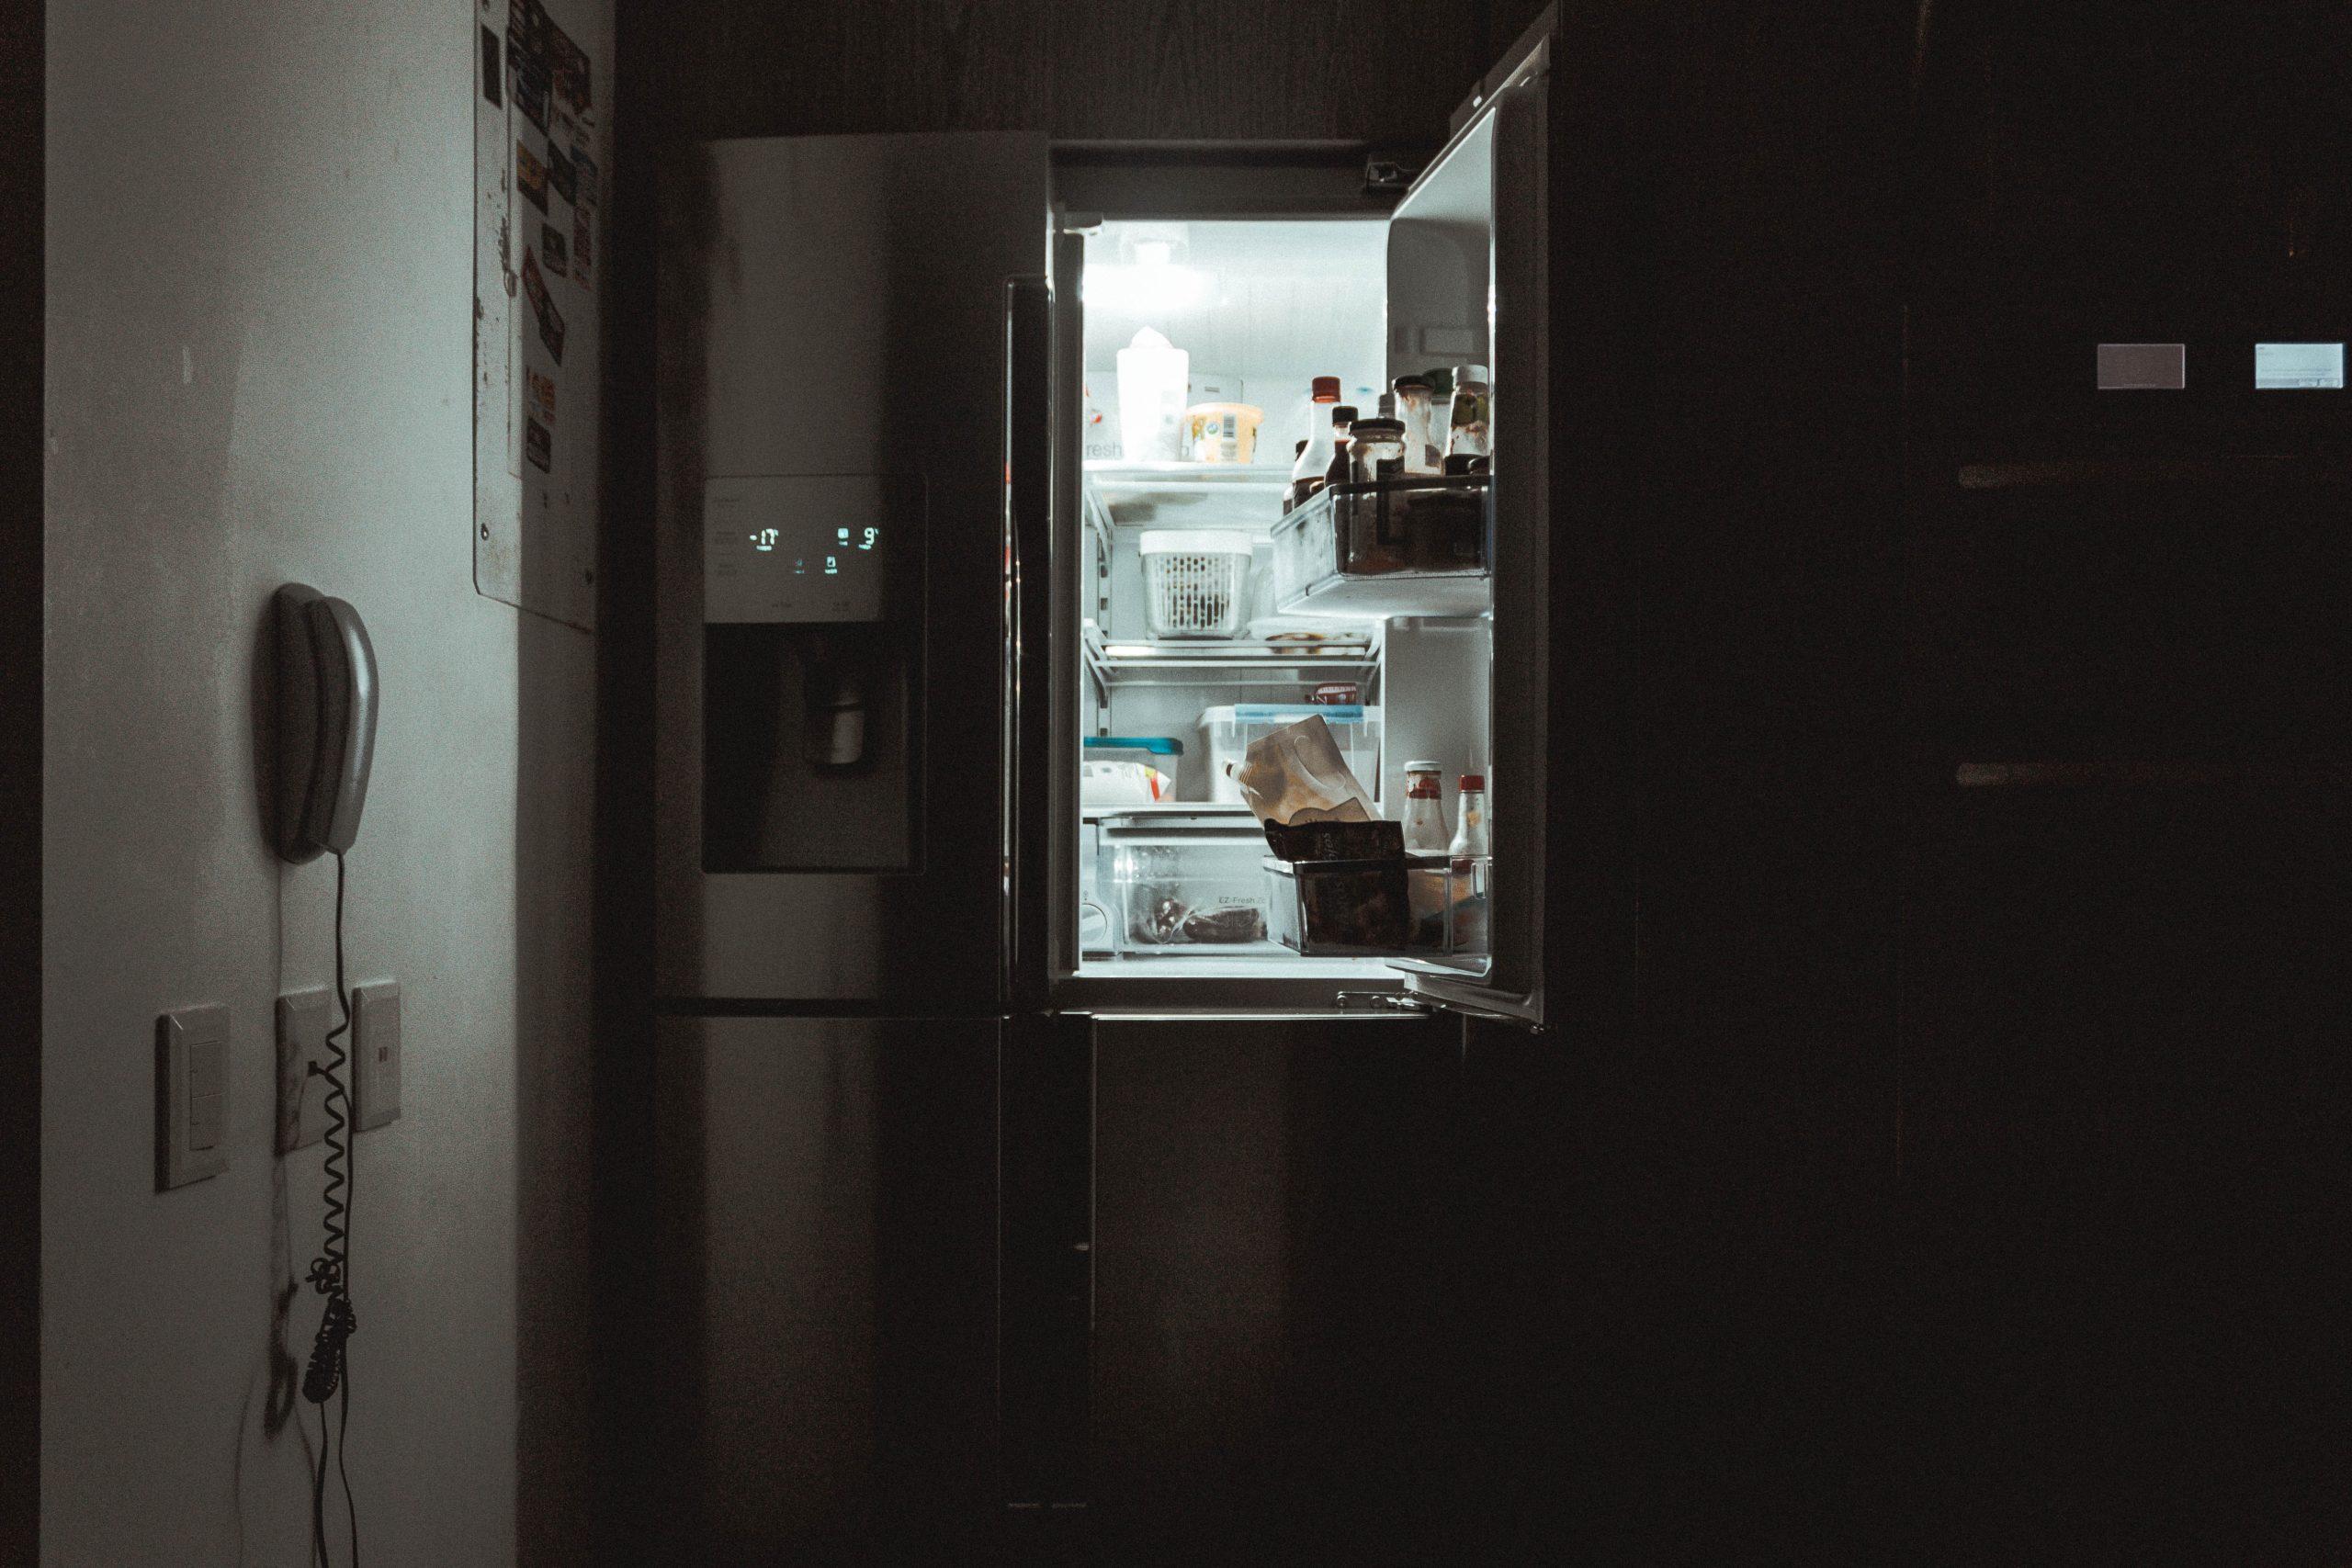 Les Bruxellois.e.s n'ont pas besoin que l'on s'occupe de leur frigo mais plutôt qu'on leur donne des perspectives en matière d'emploi et de formation pour pouvoir le remplir